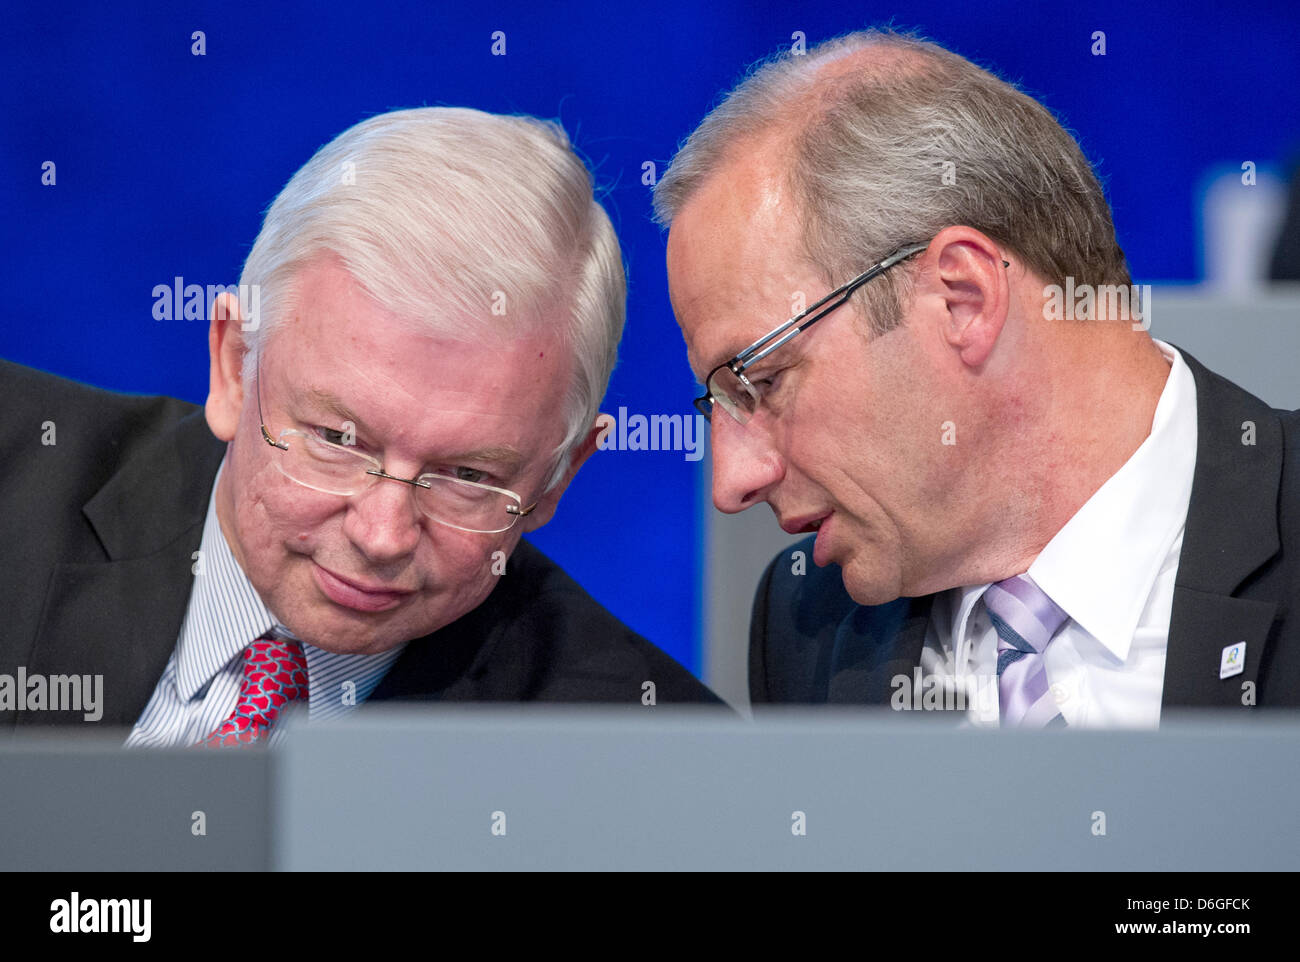 Bauunternehmen Mannheim vorsitzender des deutschen zivil und industriellen bauunternehmen